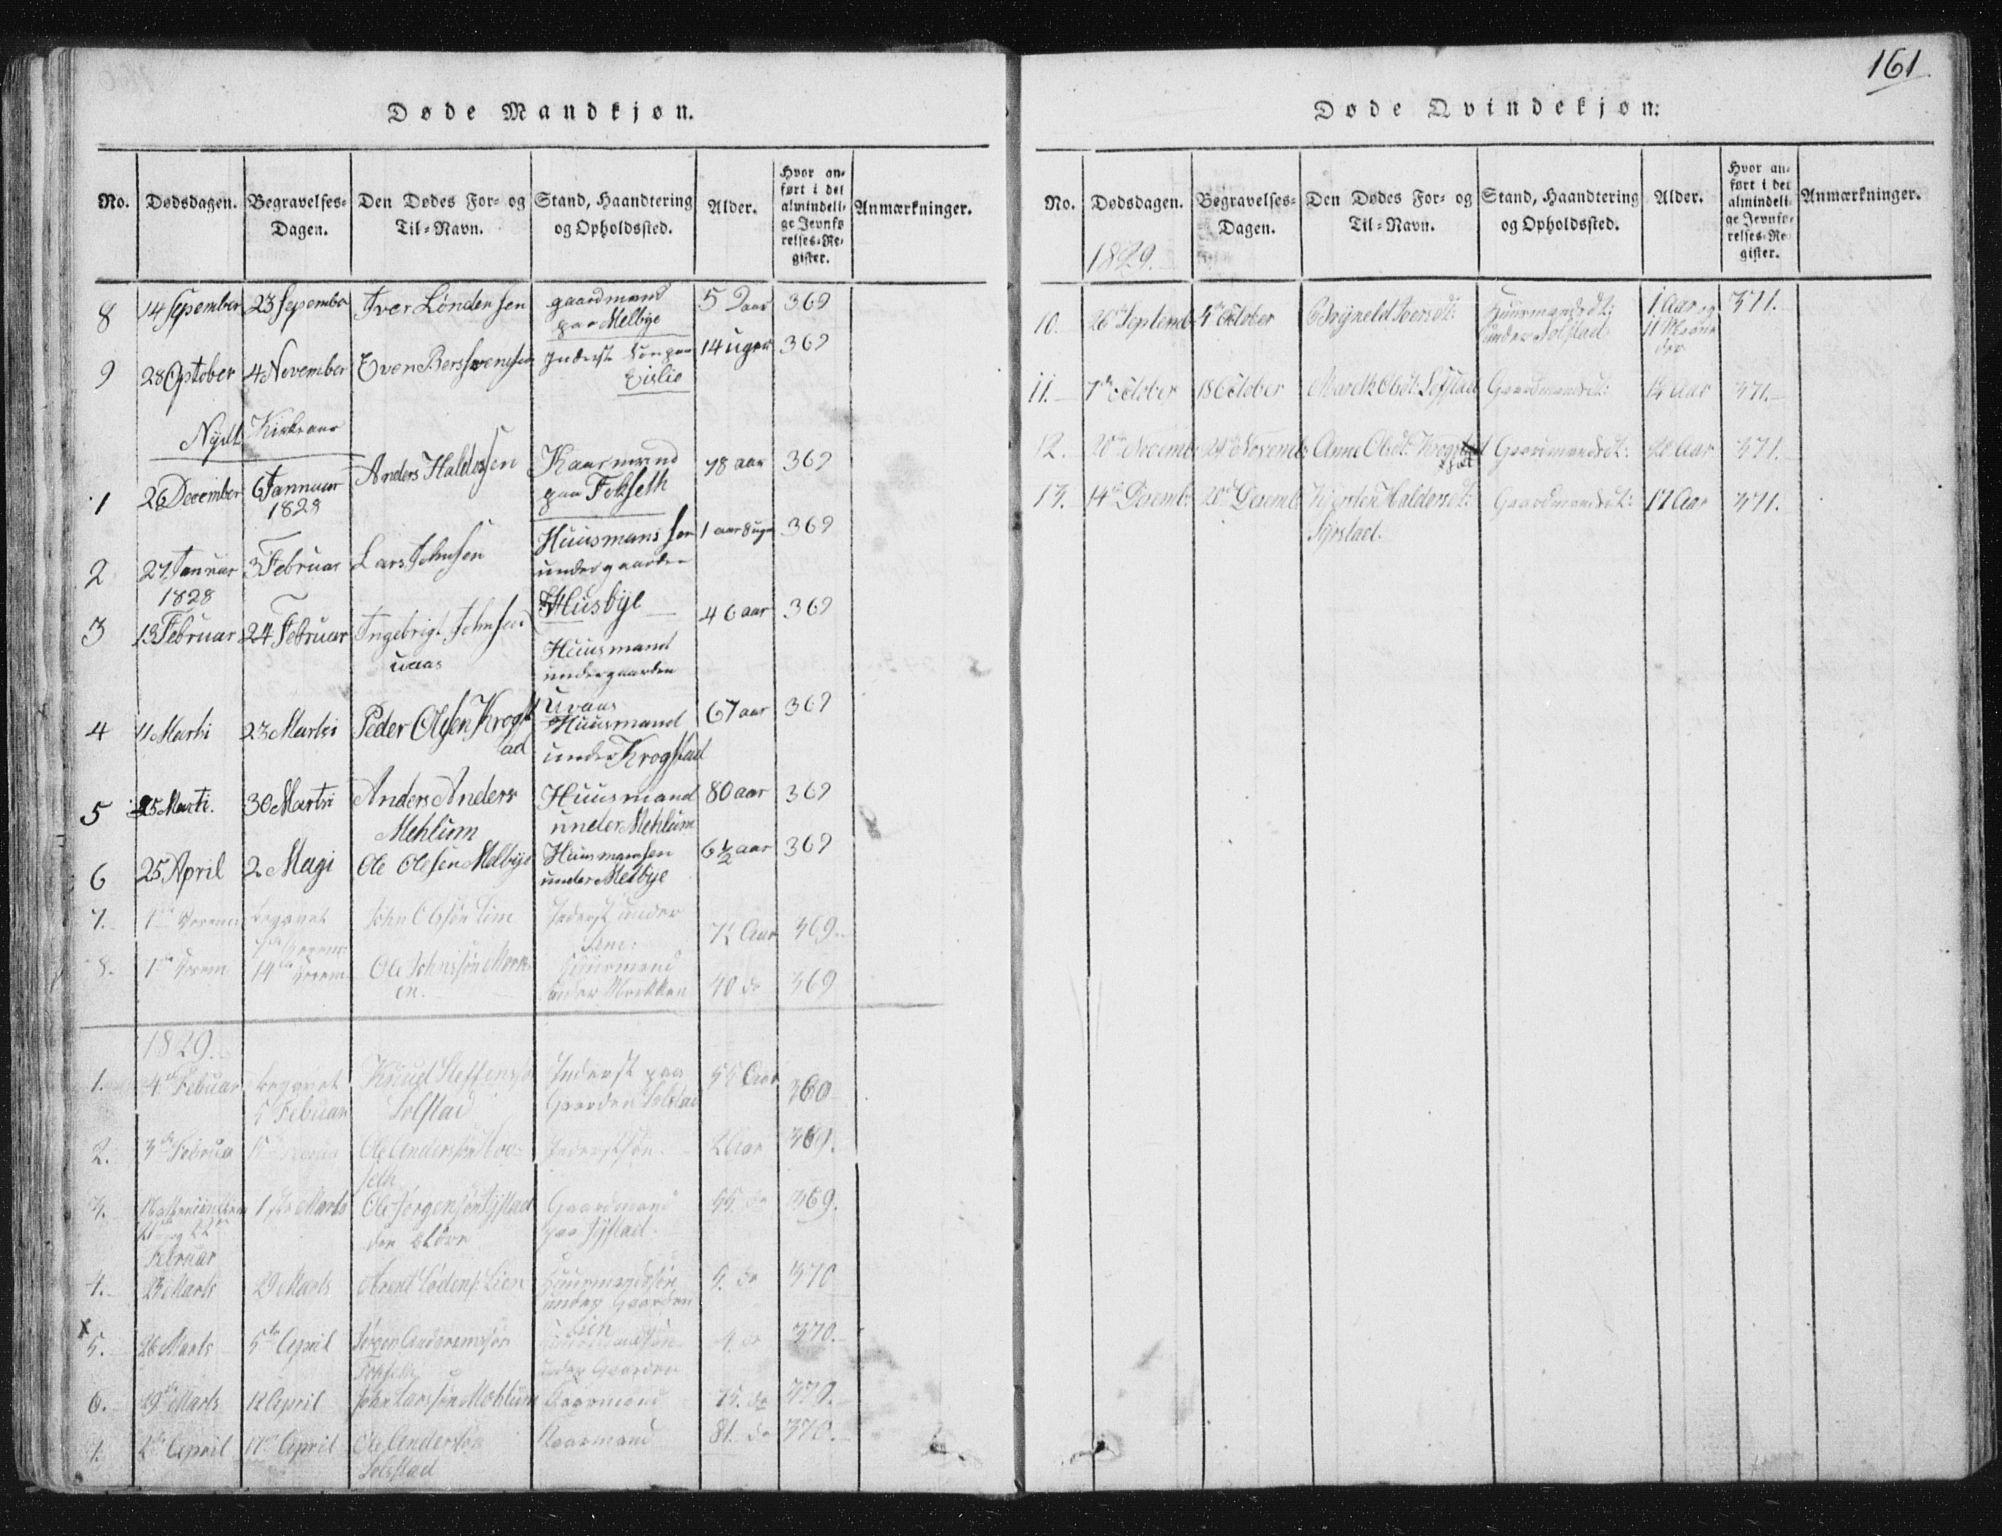 SAT, Ministerialprotokoller, klokkerbøker og fødselsregistre - Sør-Trøndelag, 665/L0770: Ministerialbok nr. 665A05, 1817-1829, s. 161